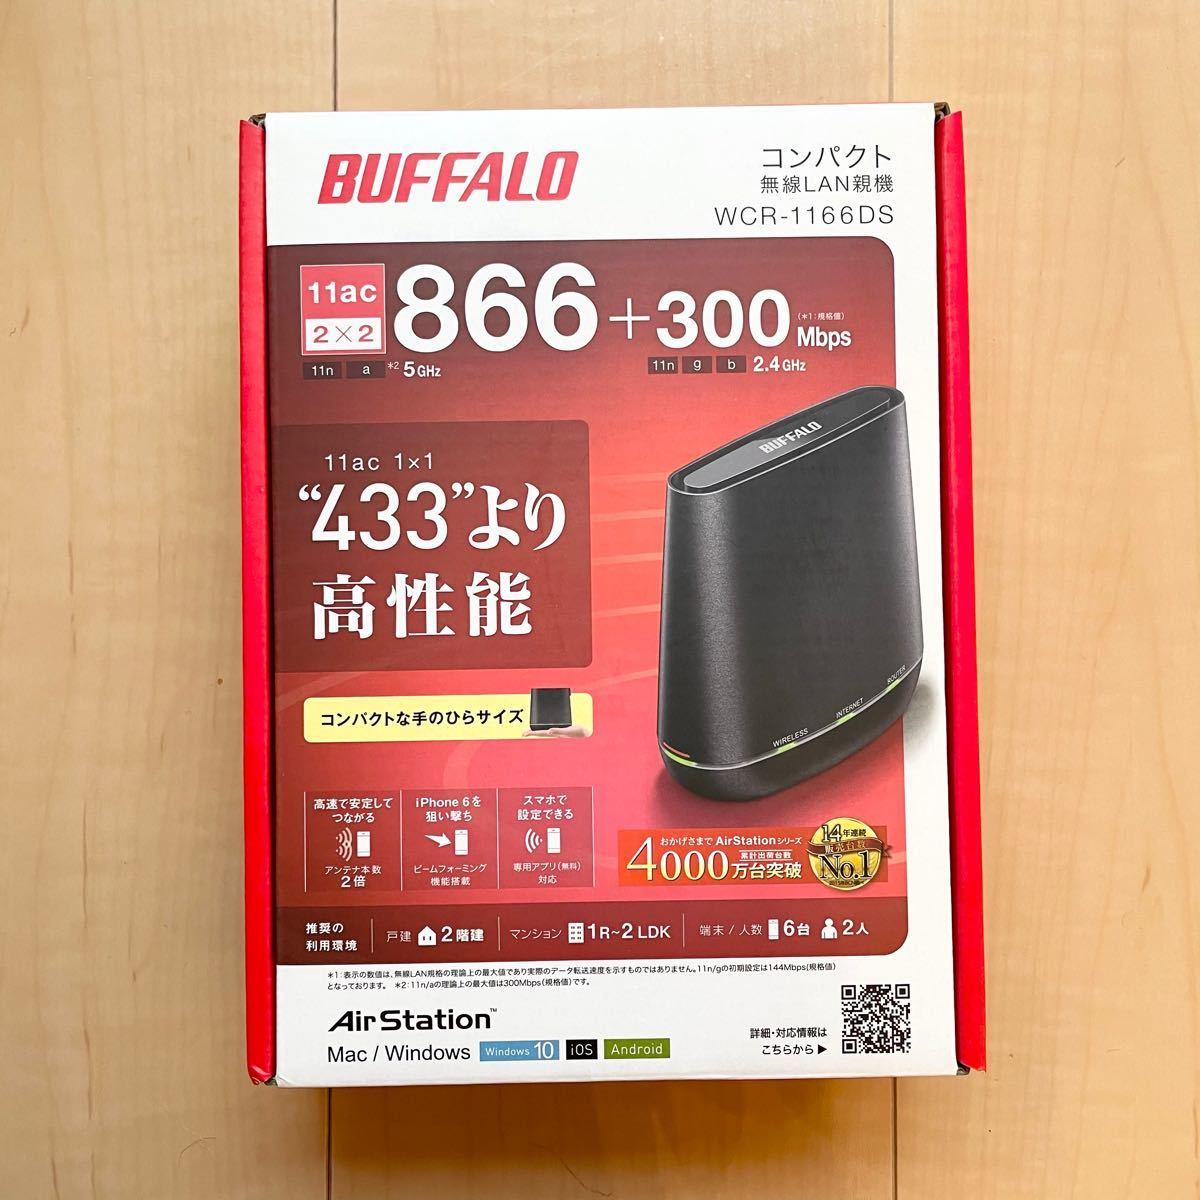 BUFFALO WCR-1166DS / バッファロー 無線LANルーター